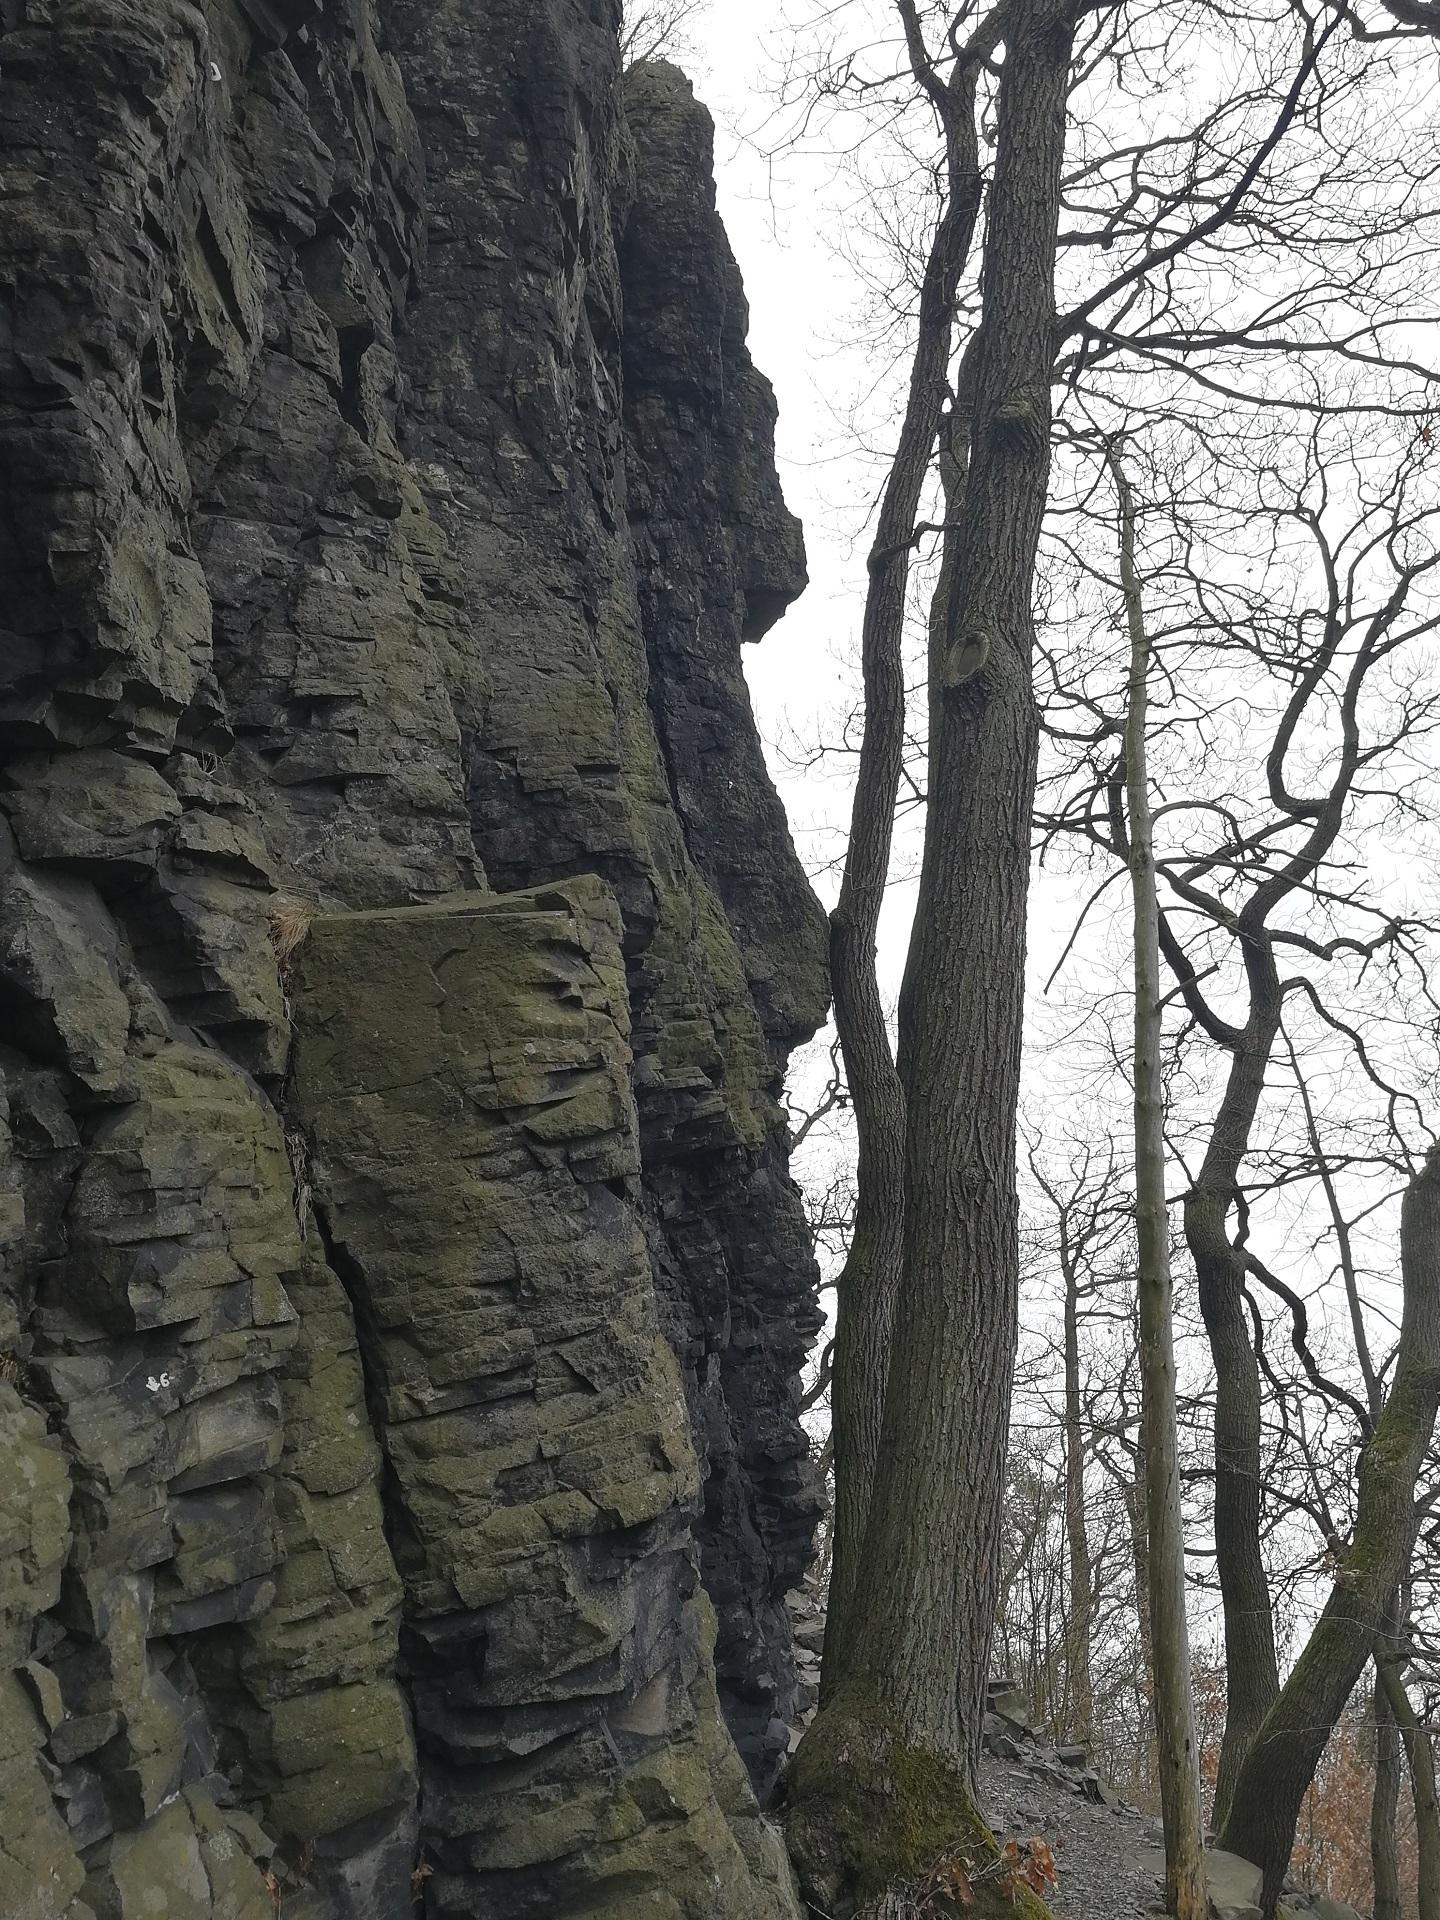 Detailní pohled na vyvřelinu skály Kreutzberg v lese